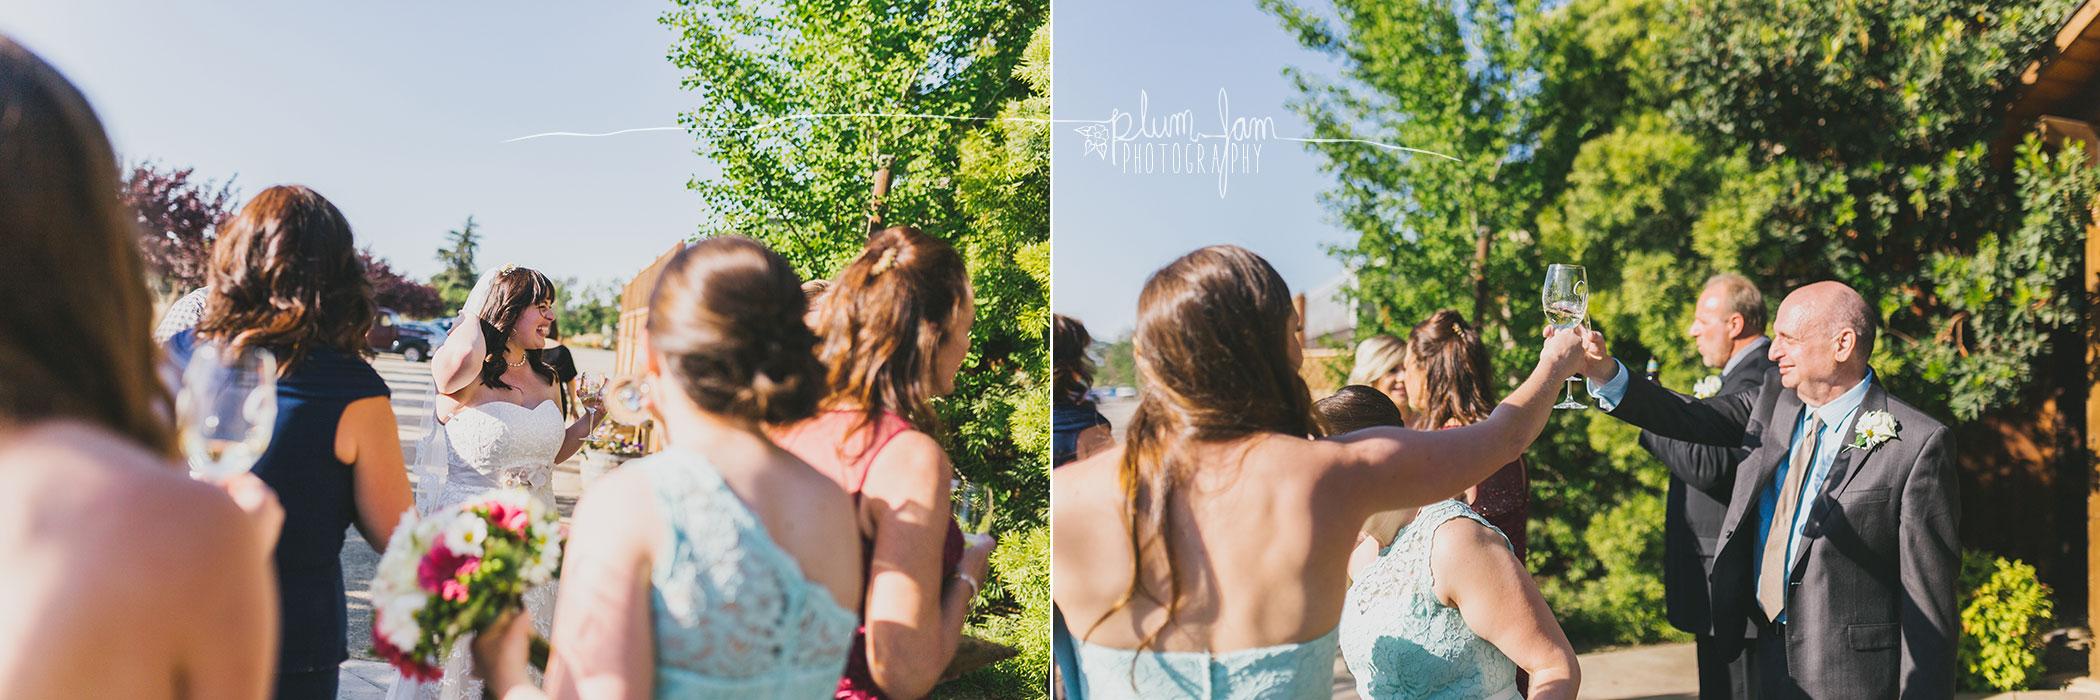 ElizabethCameronWedding-15-PlumJamPhotography